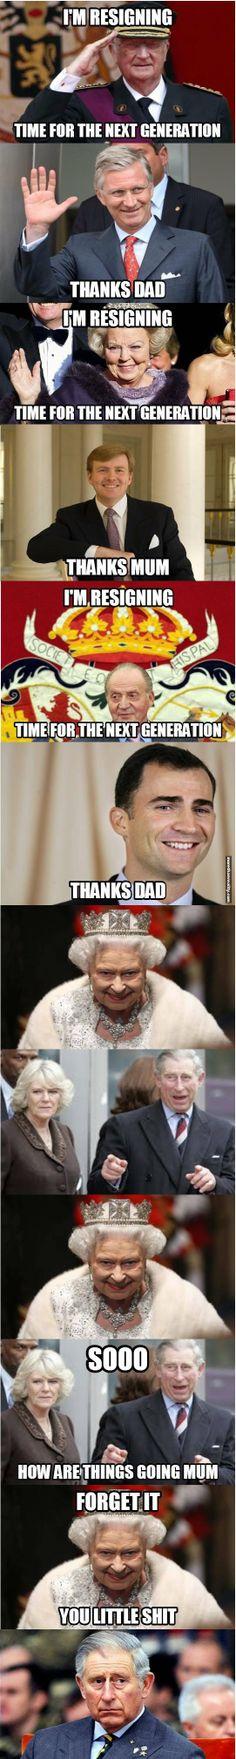 Poor Prince Charles